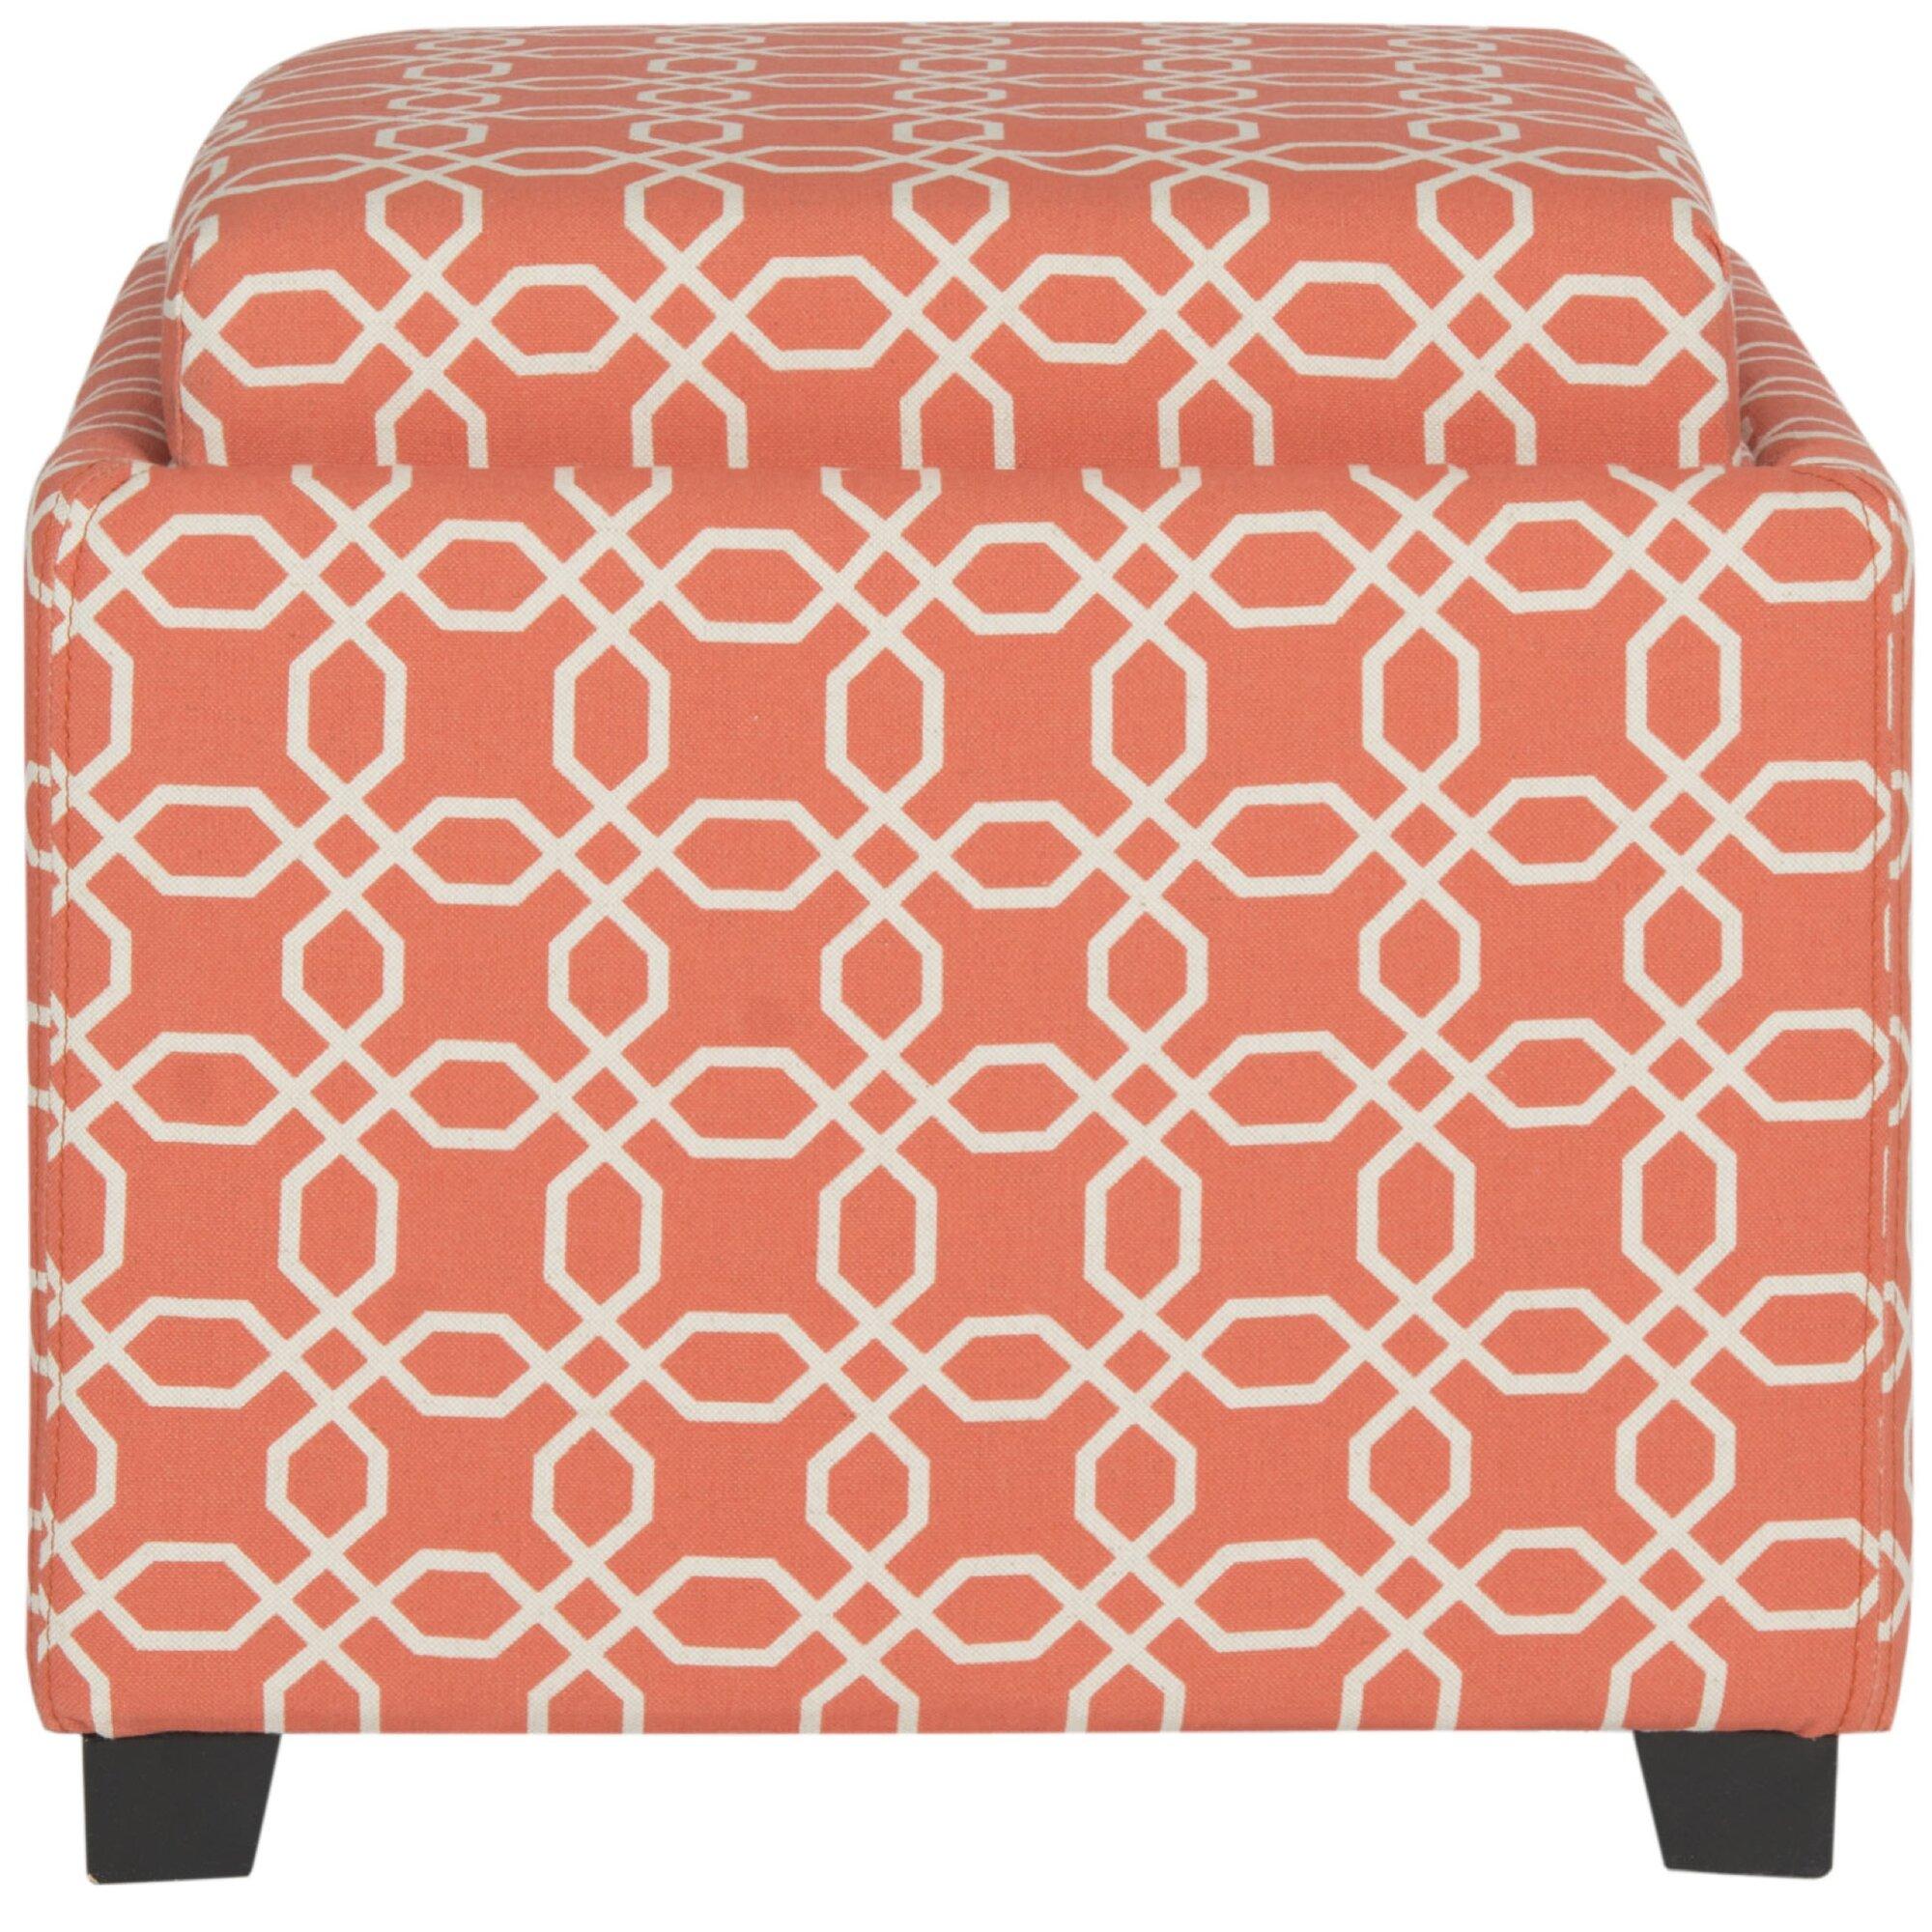 Safavieh Carter Upholstered Ottoman Color: Orange / White